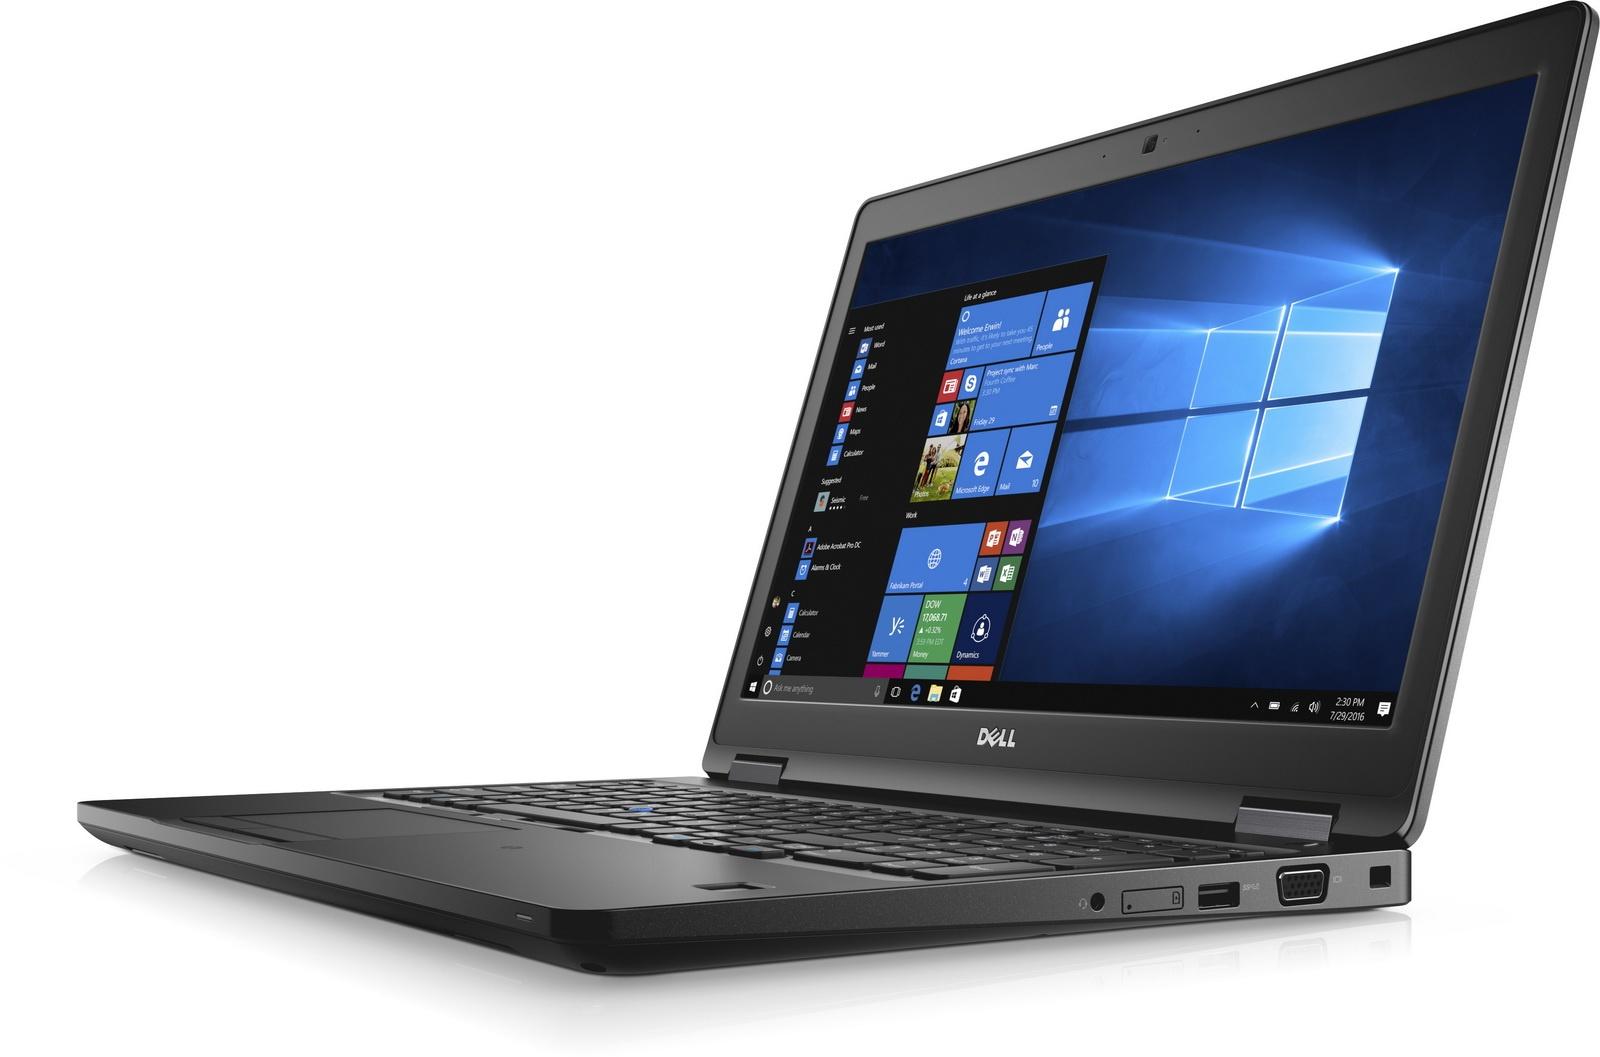 Dell Precision 15 (3520): Профессиональная рабочая станция в мобильном исполнении - 15